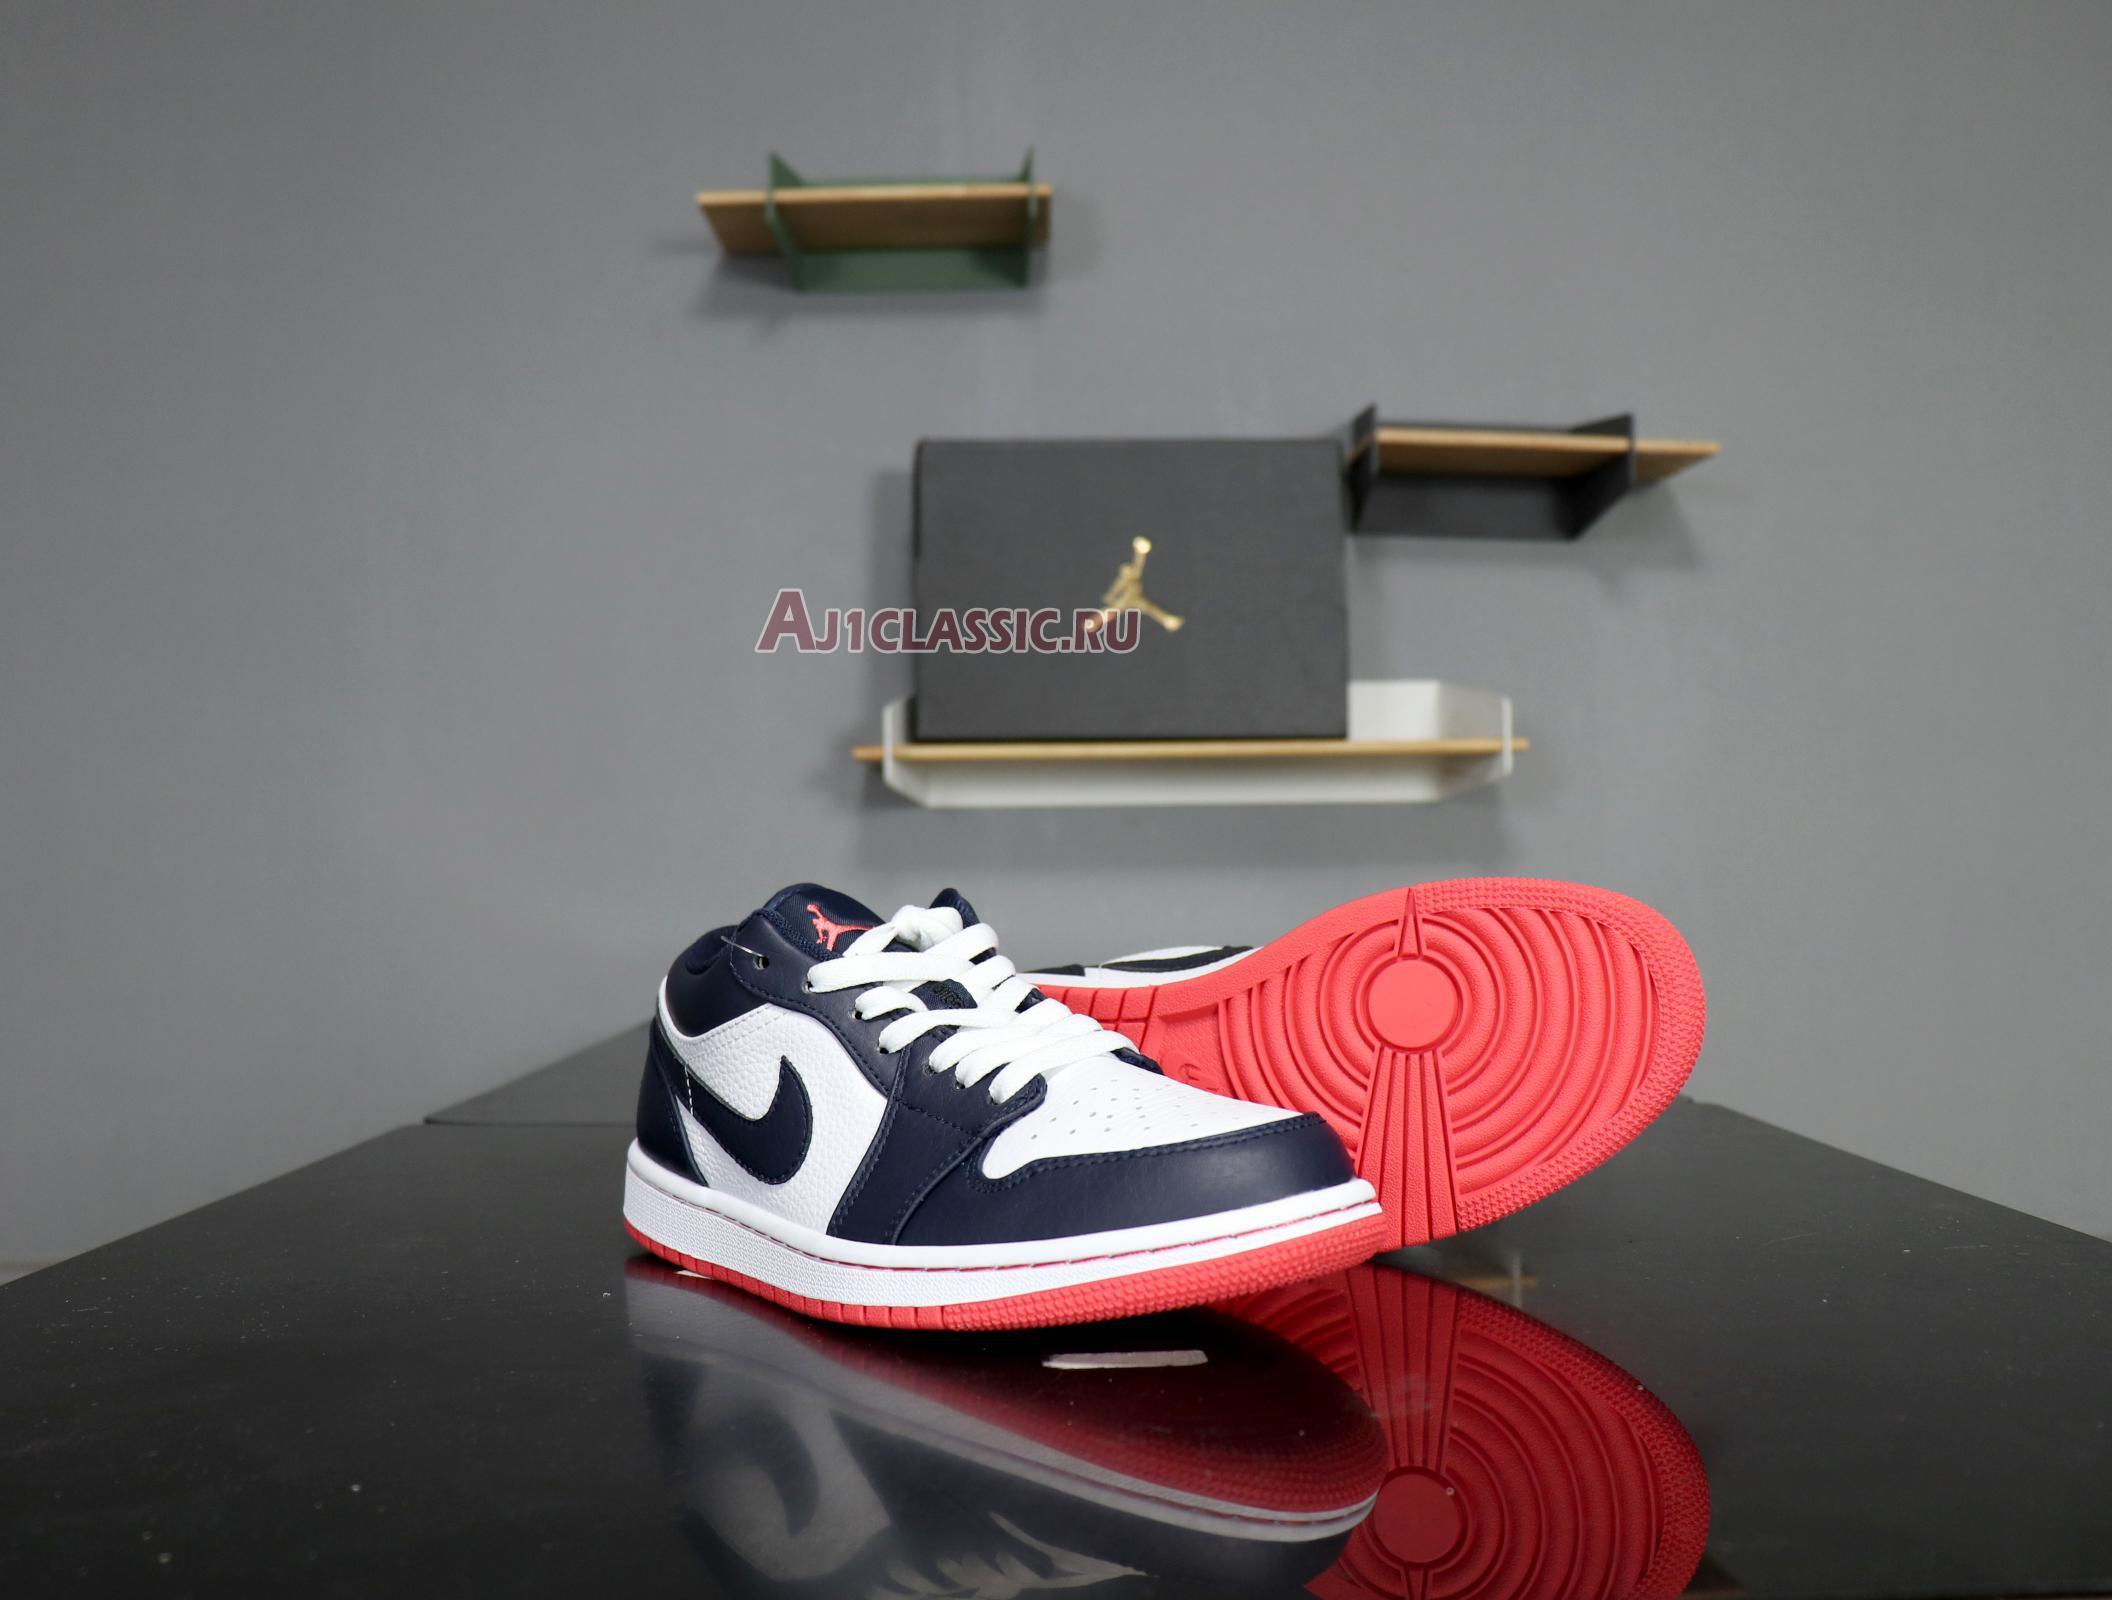 """Air Jordan 1 Retro Low """"Obsidian Ember"""" 553558-481"""